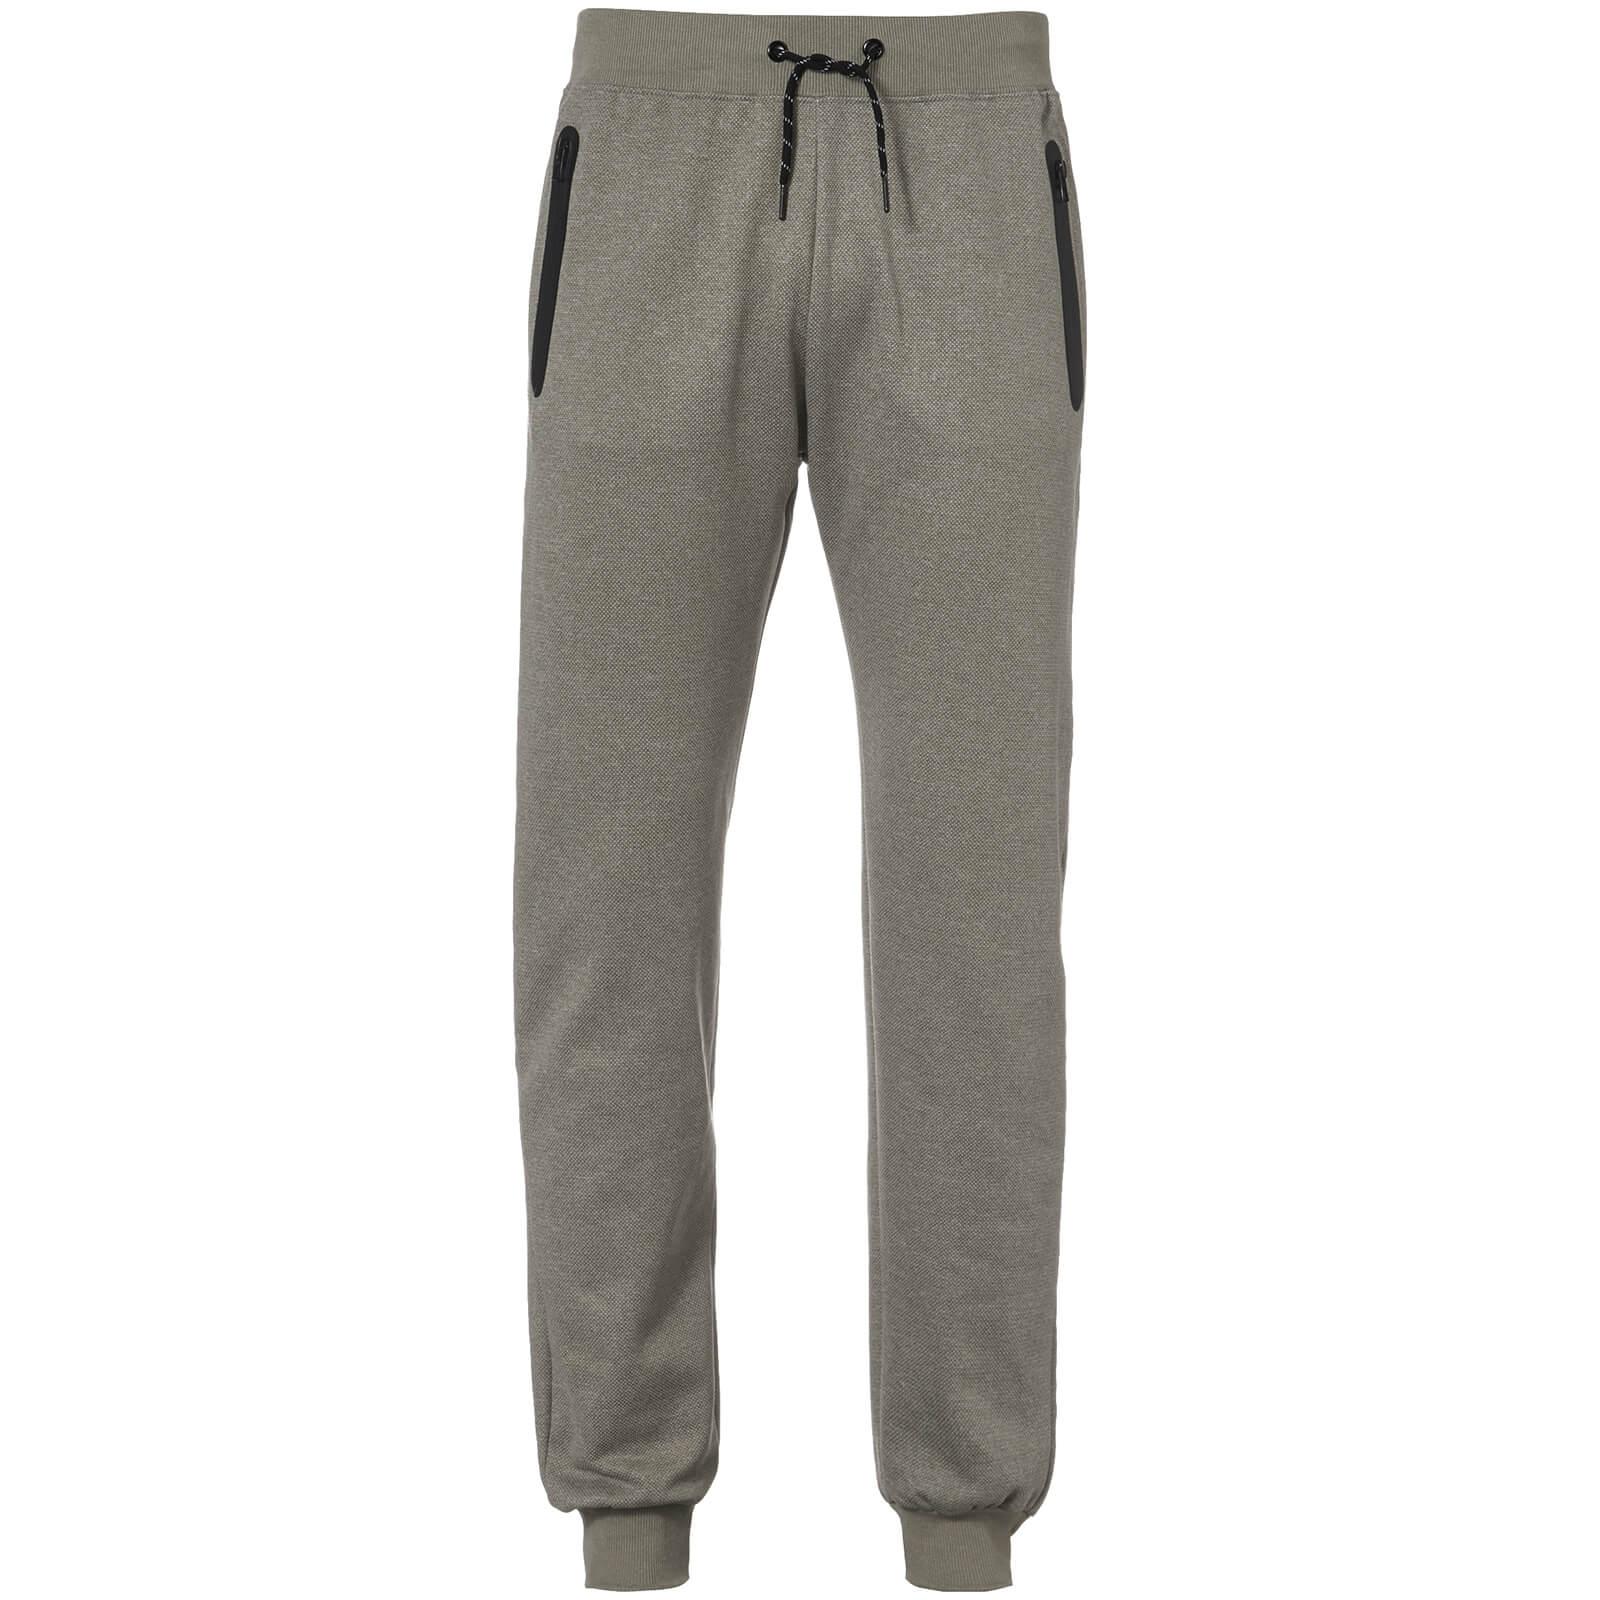 156a12cb2c1c8 Pantalon de Jogging Homme Holford Dissident - Gris Chiné Clothing ...